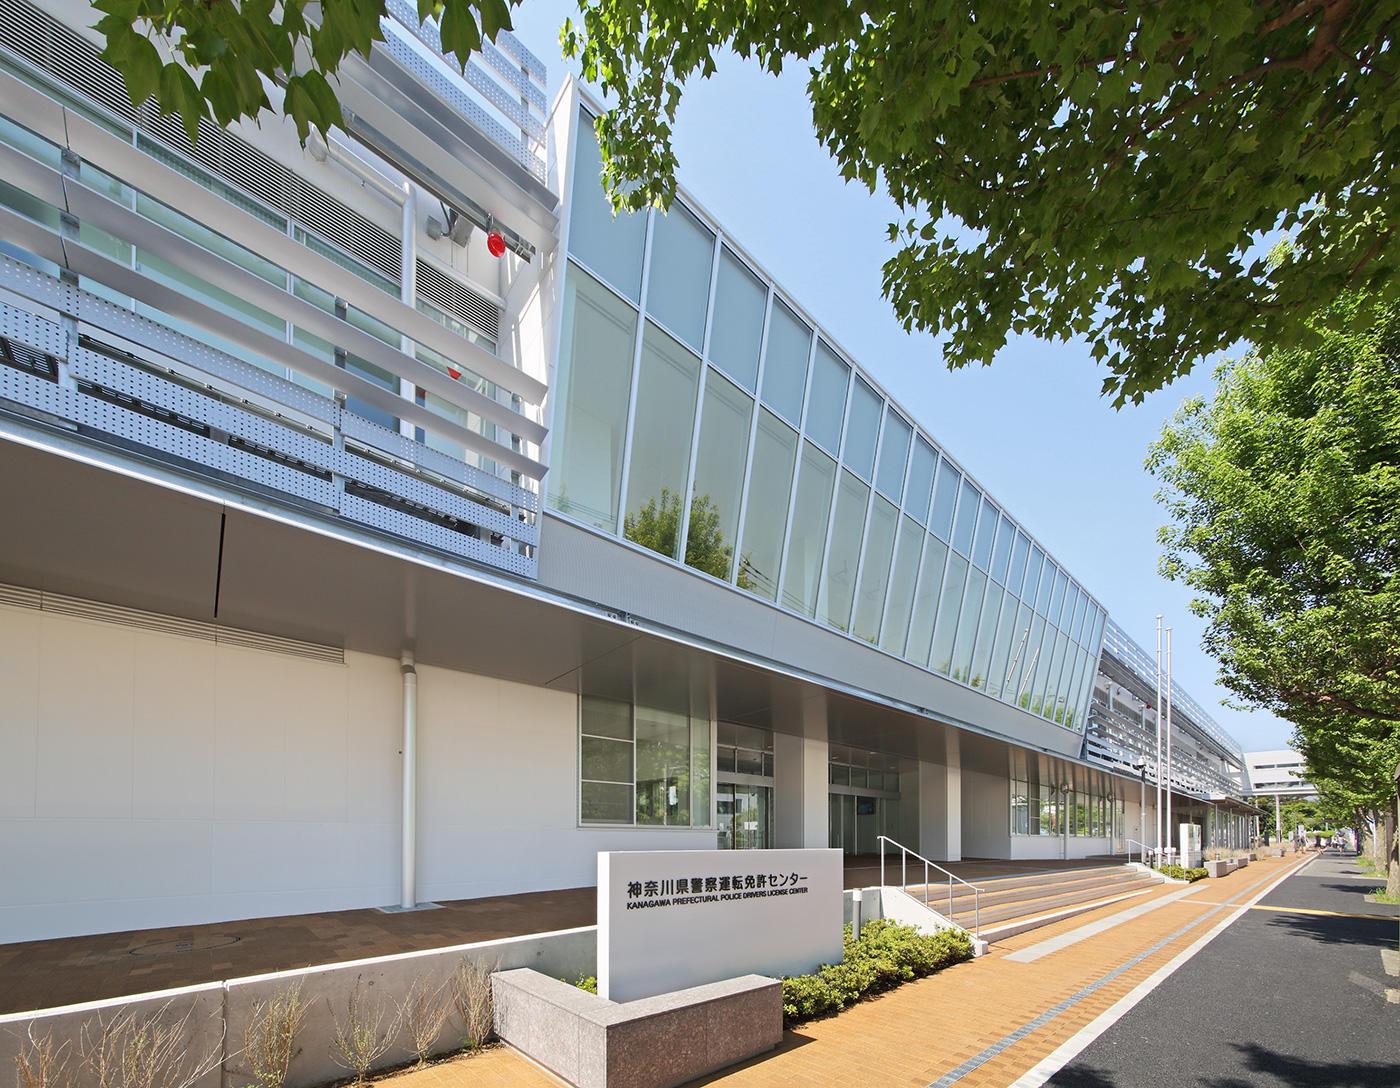 免許 センター 神奈川